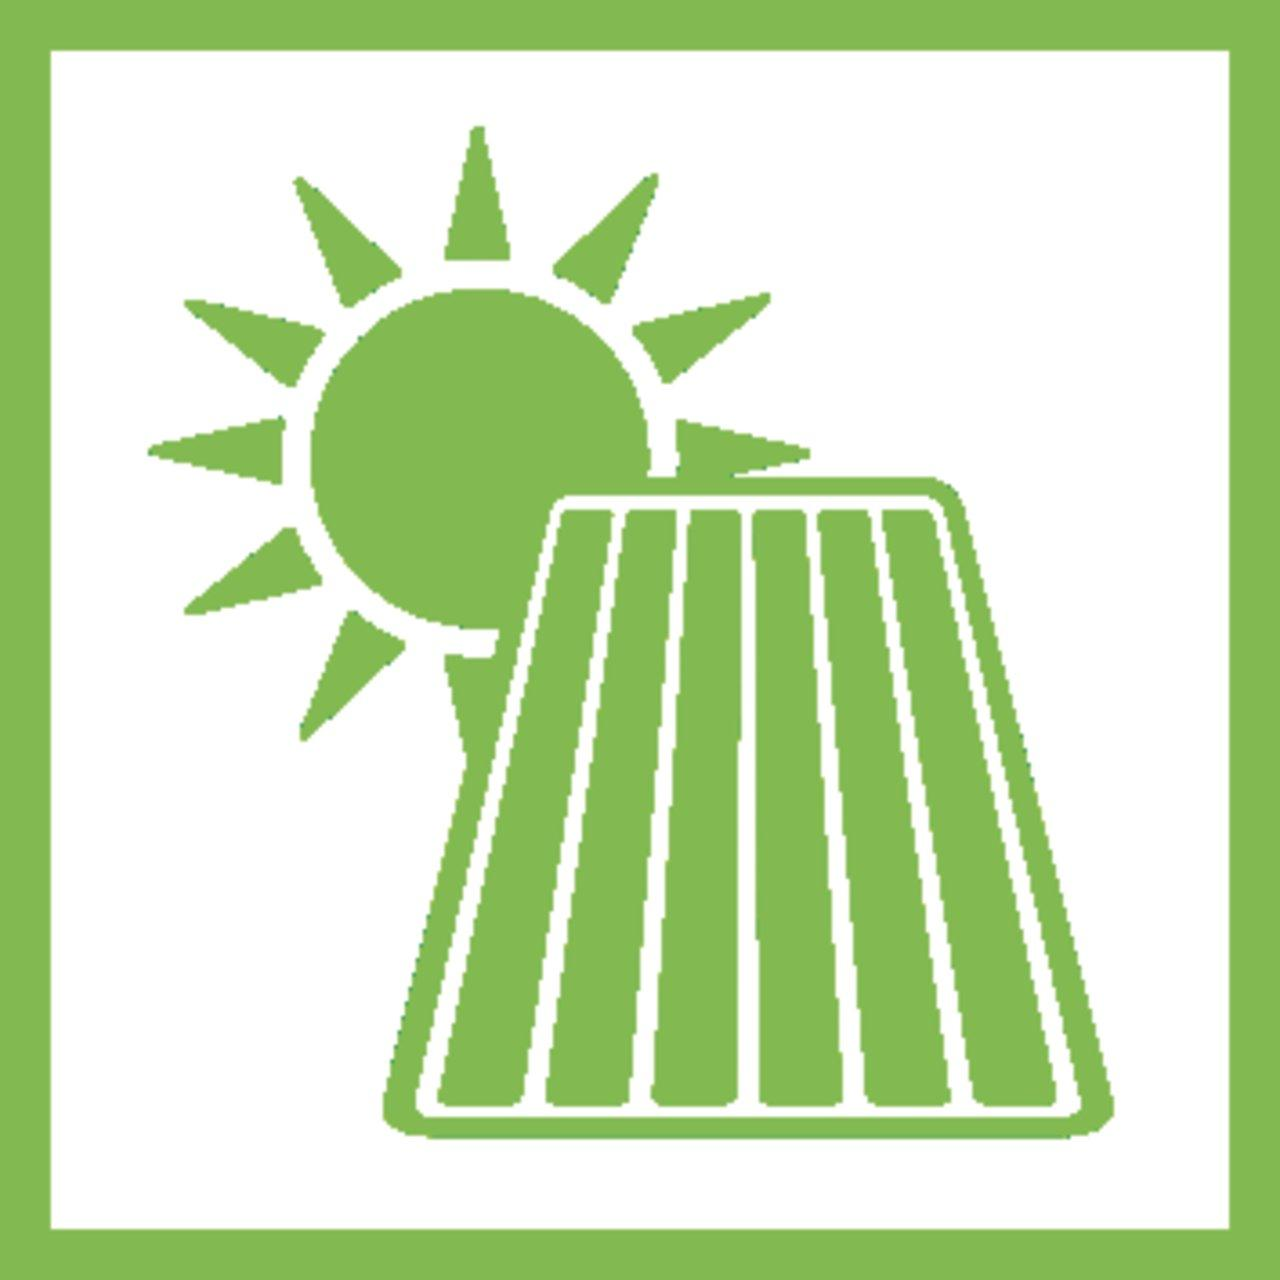 Легке підключення до сонячних колекторів